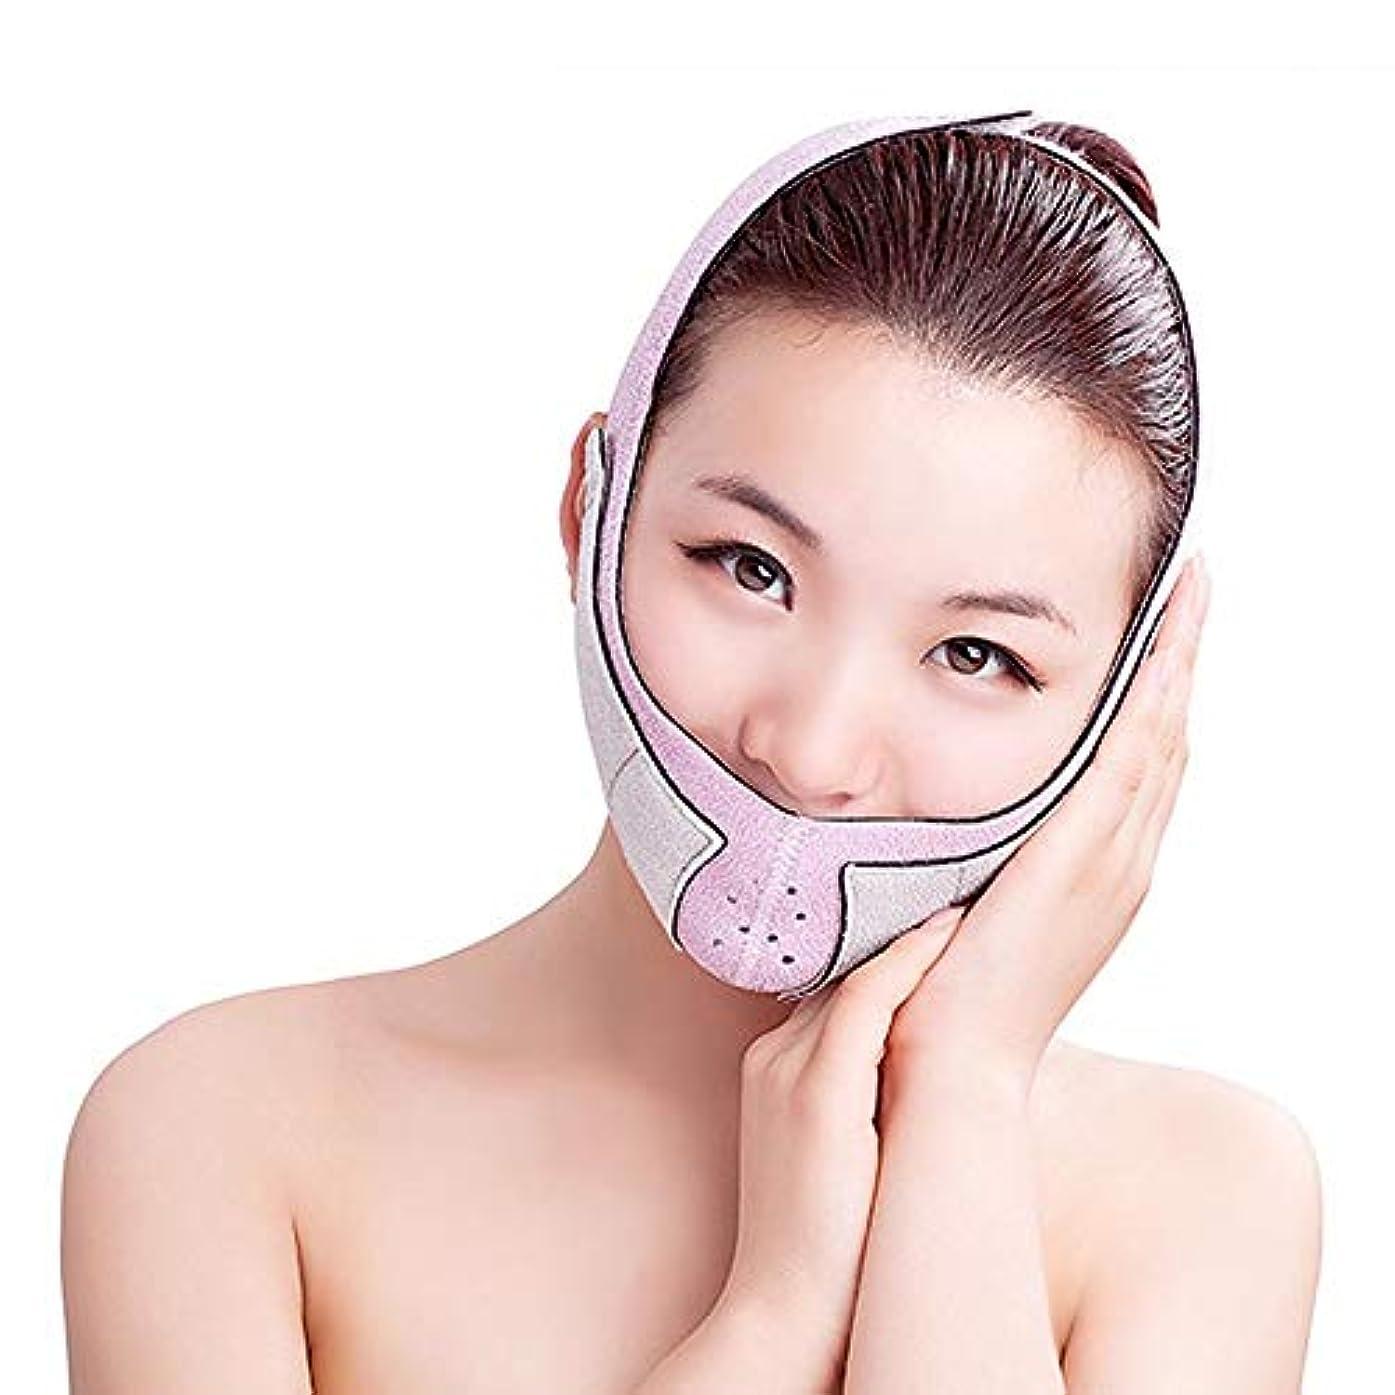 入口乳製品メガロポリスフェイスリフトベルト 薄い顔のベルト - 薄い顔のベルト通気性の補正3D薄い顔のV顔のベルトの包帯薄い顔のアーティファクト (色 : B)